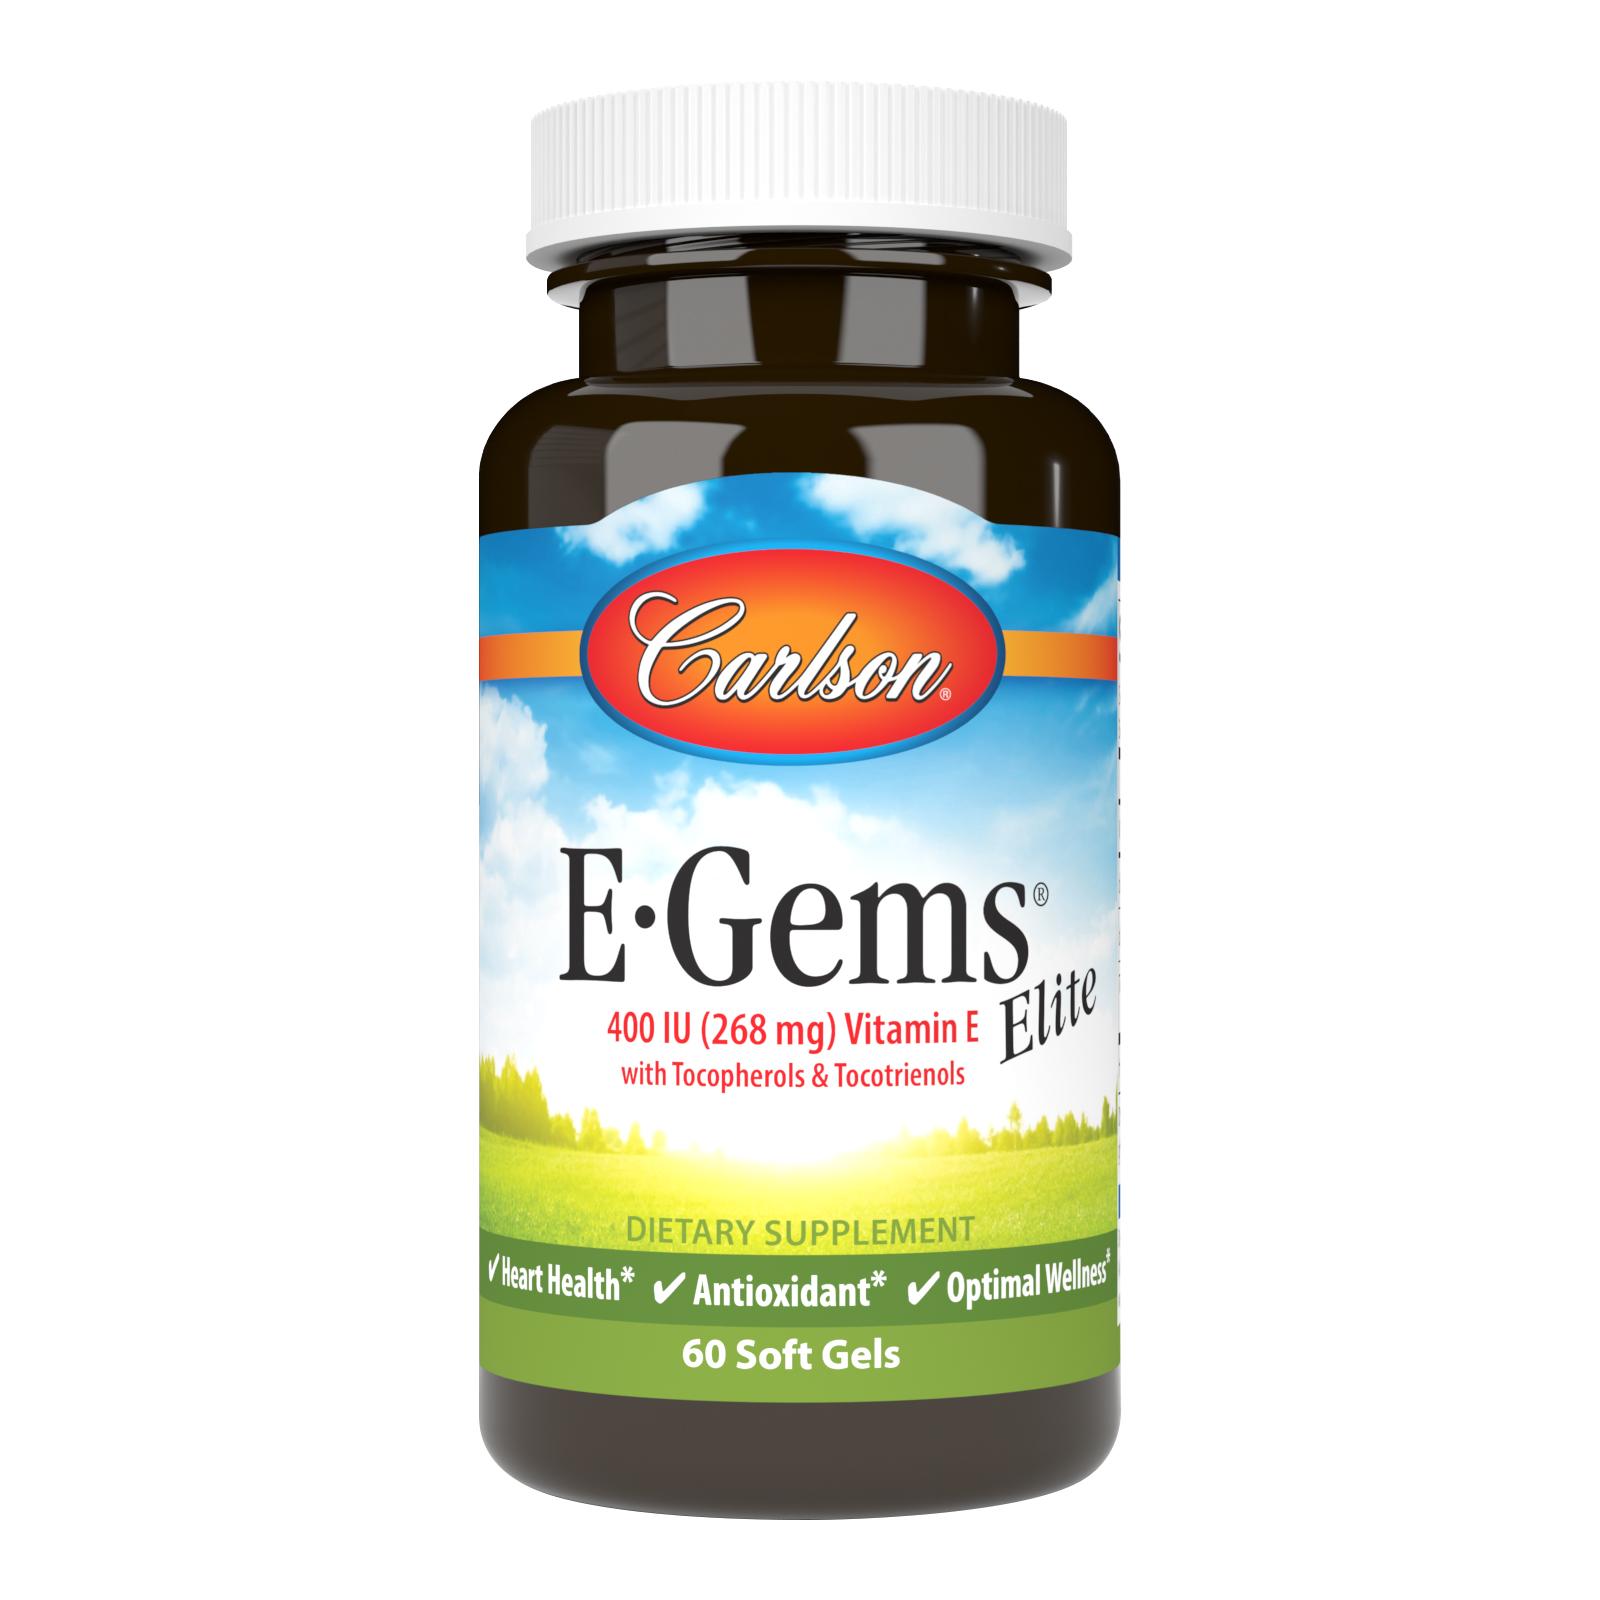 E-Gems® Elite 400 IU (268 mg)